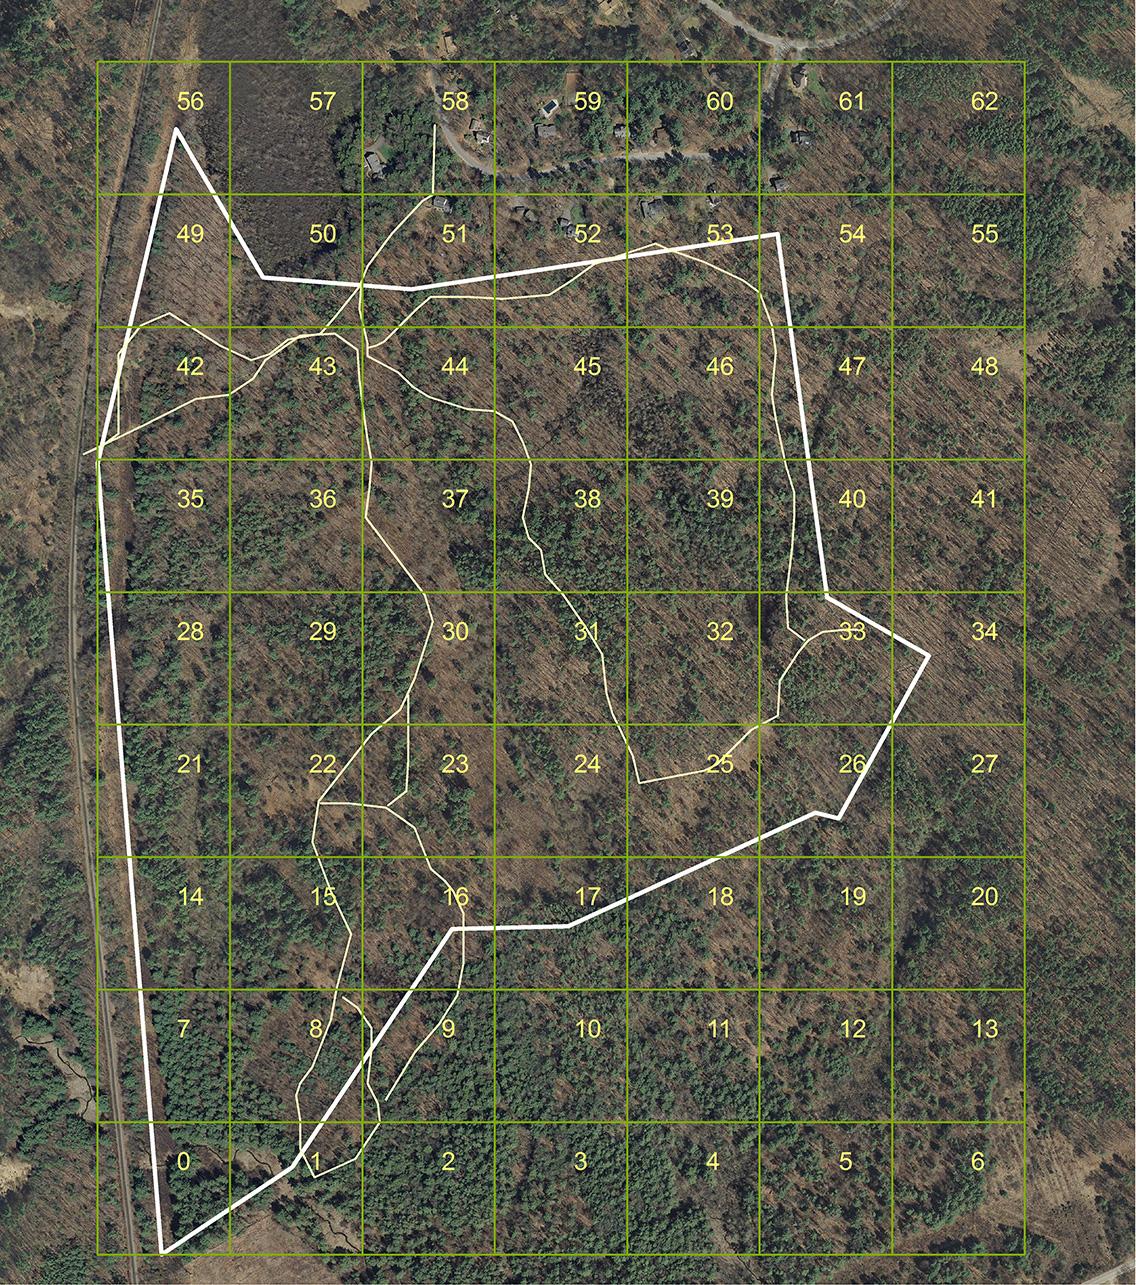 East Foss Farm Grid Map